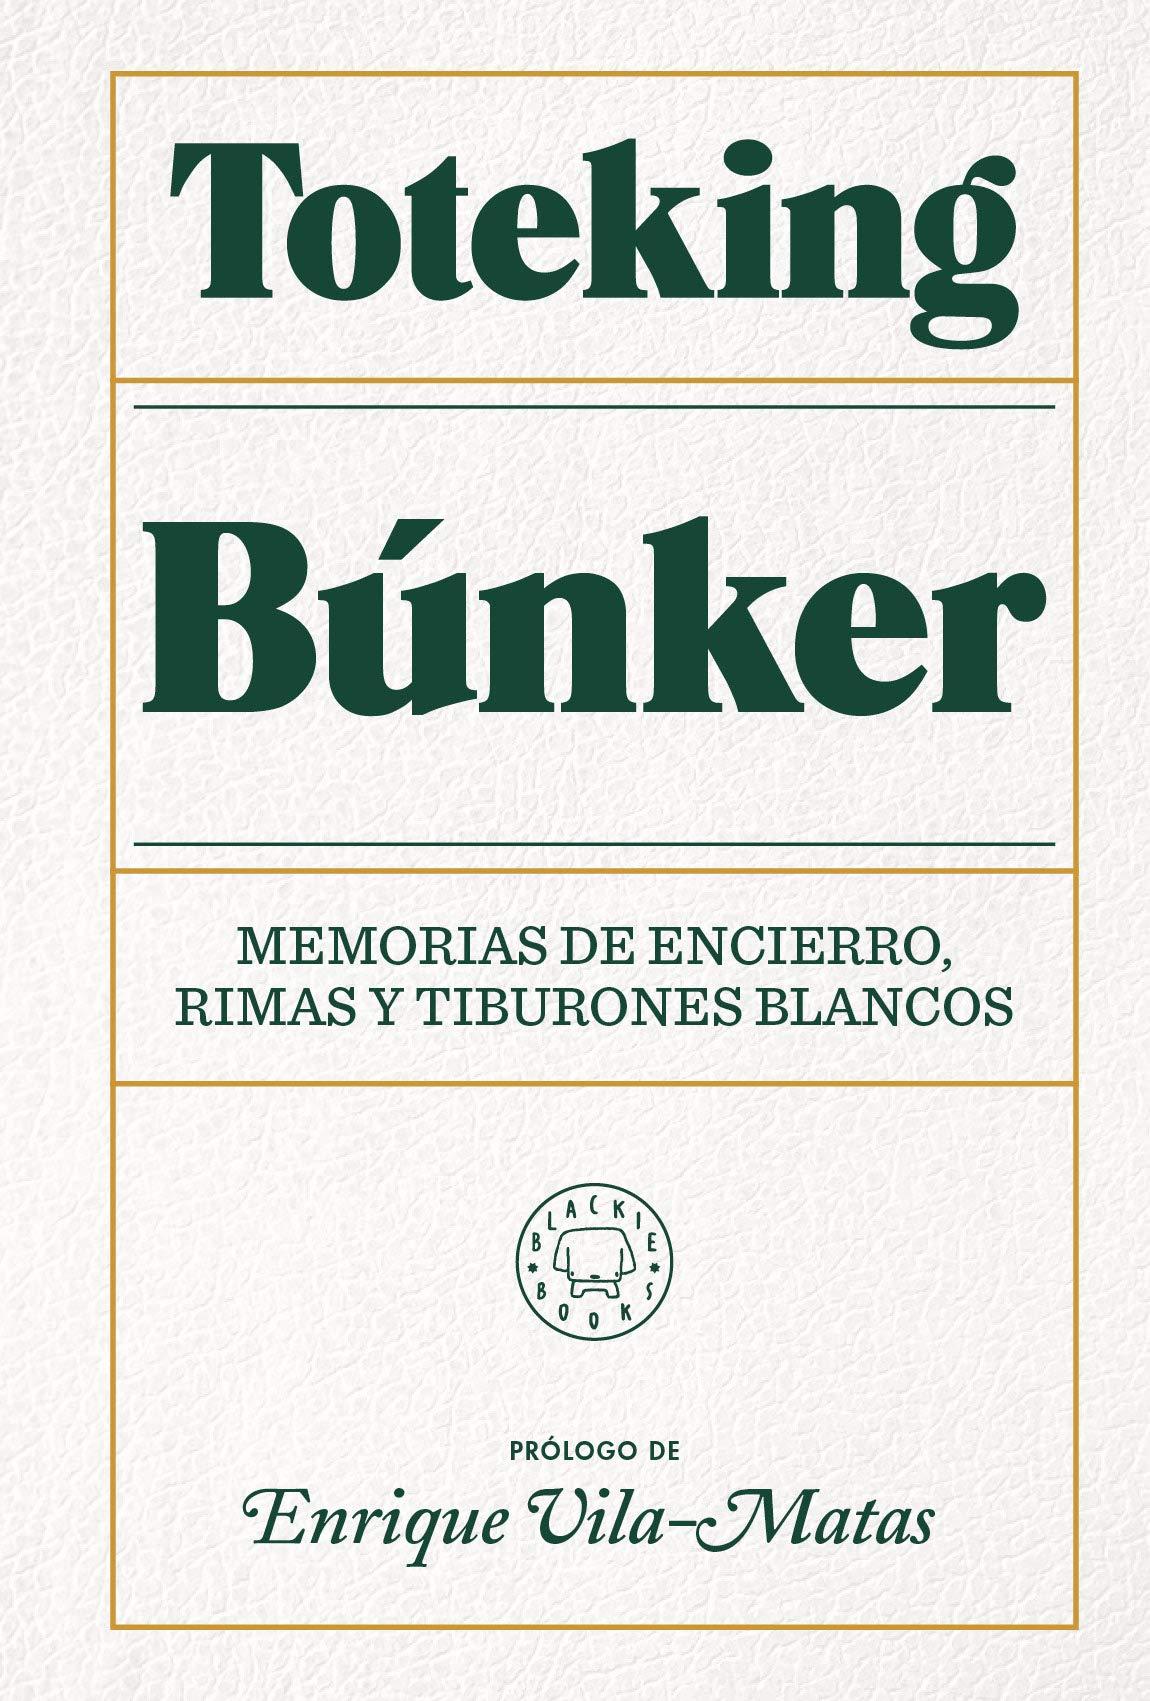 Búnker: Memorias de encierro, rimas y tiburones blancos.: Amazon.es:  Toteking, Vila-Matas, Enrique: Libros